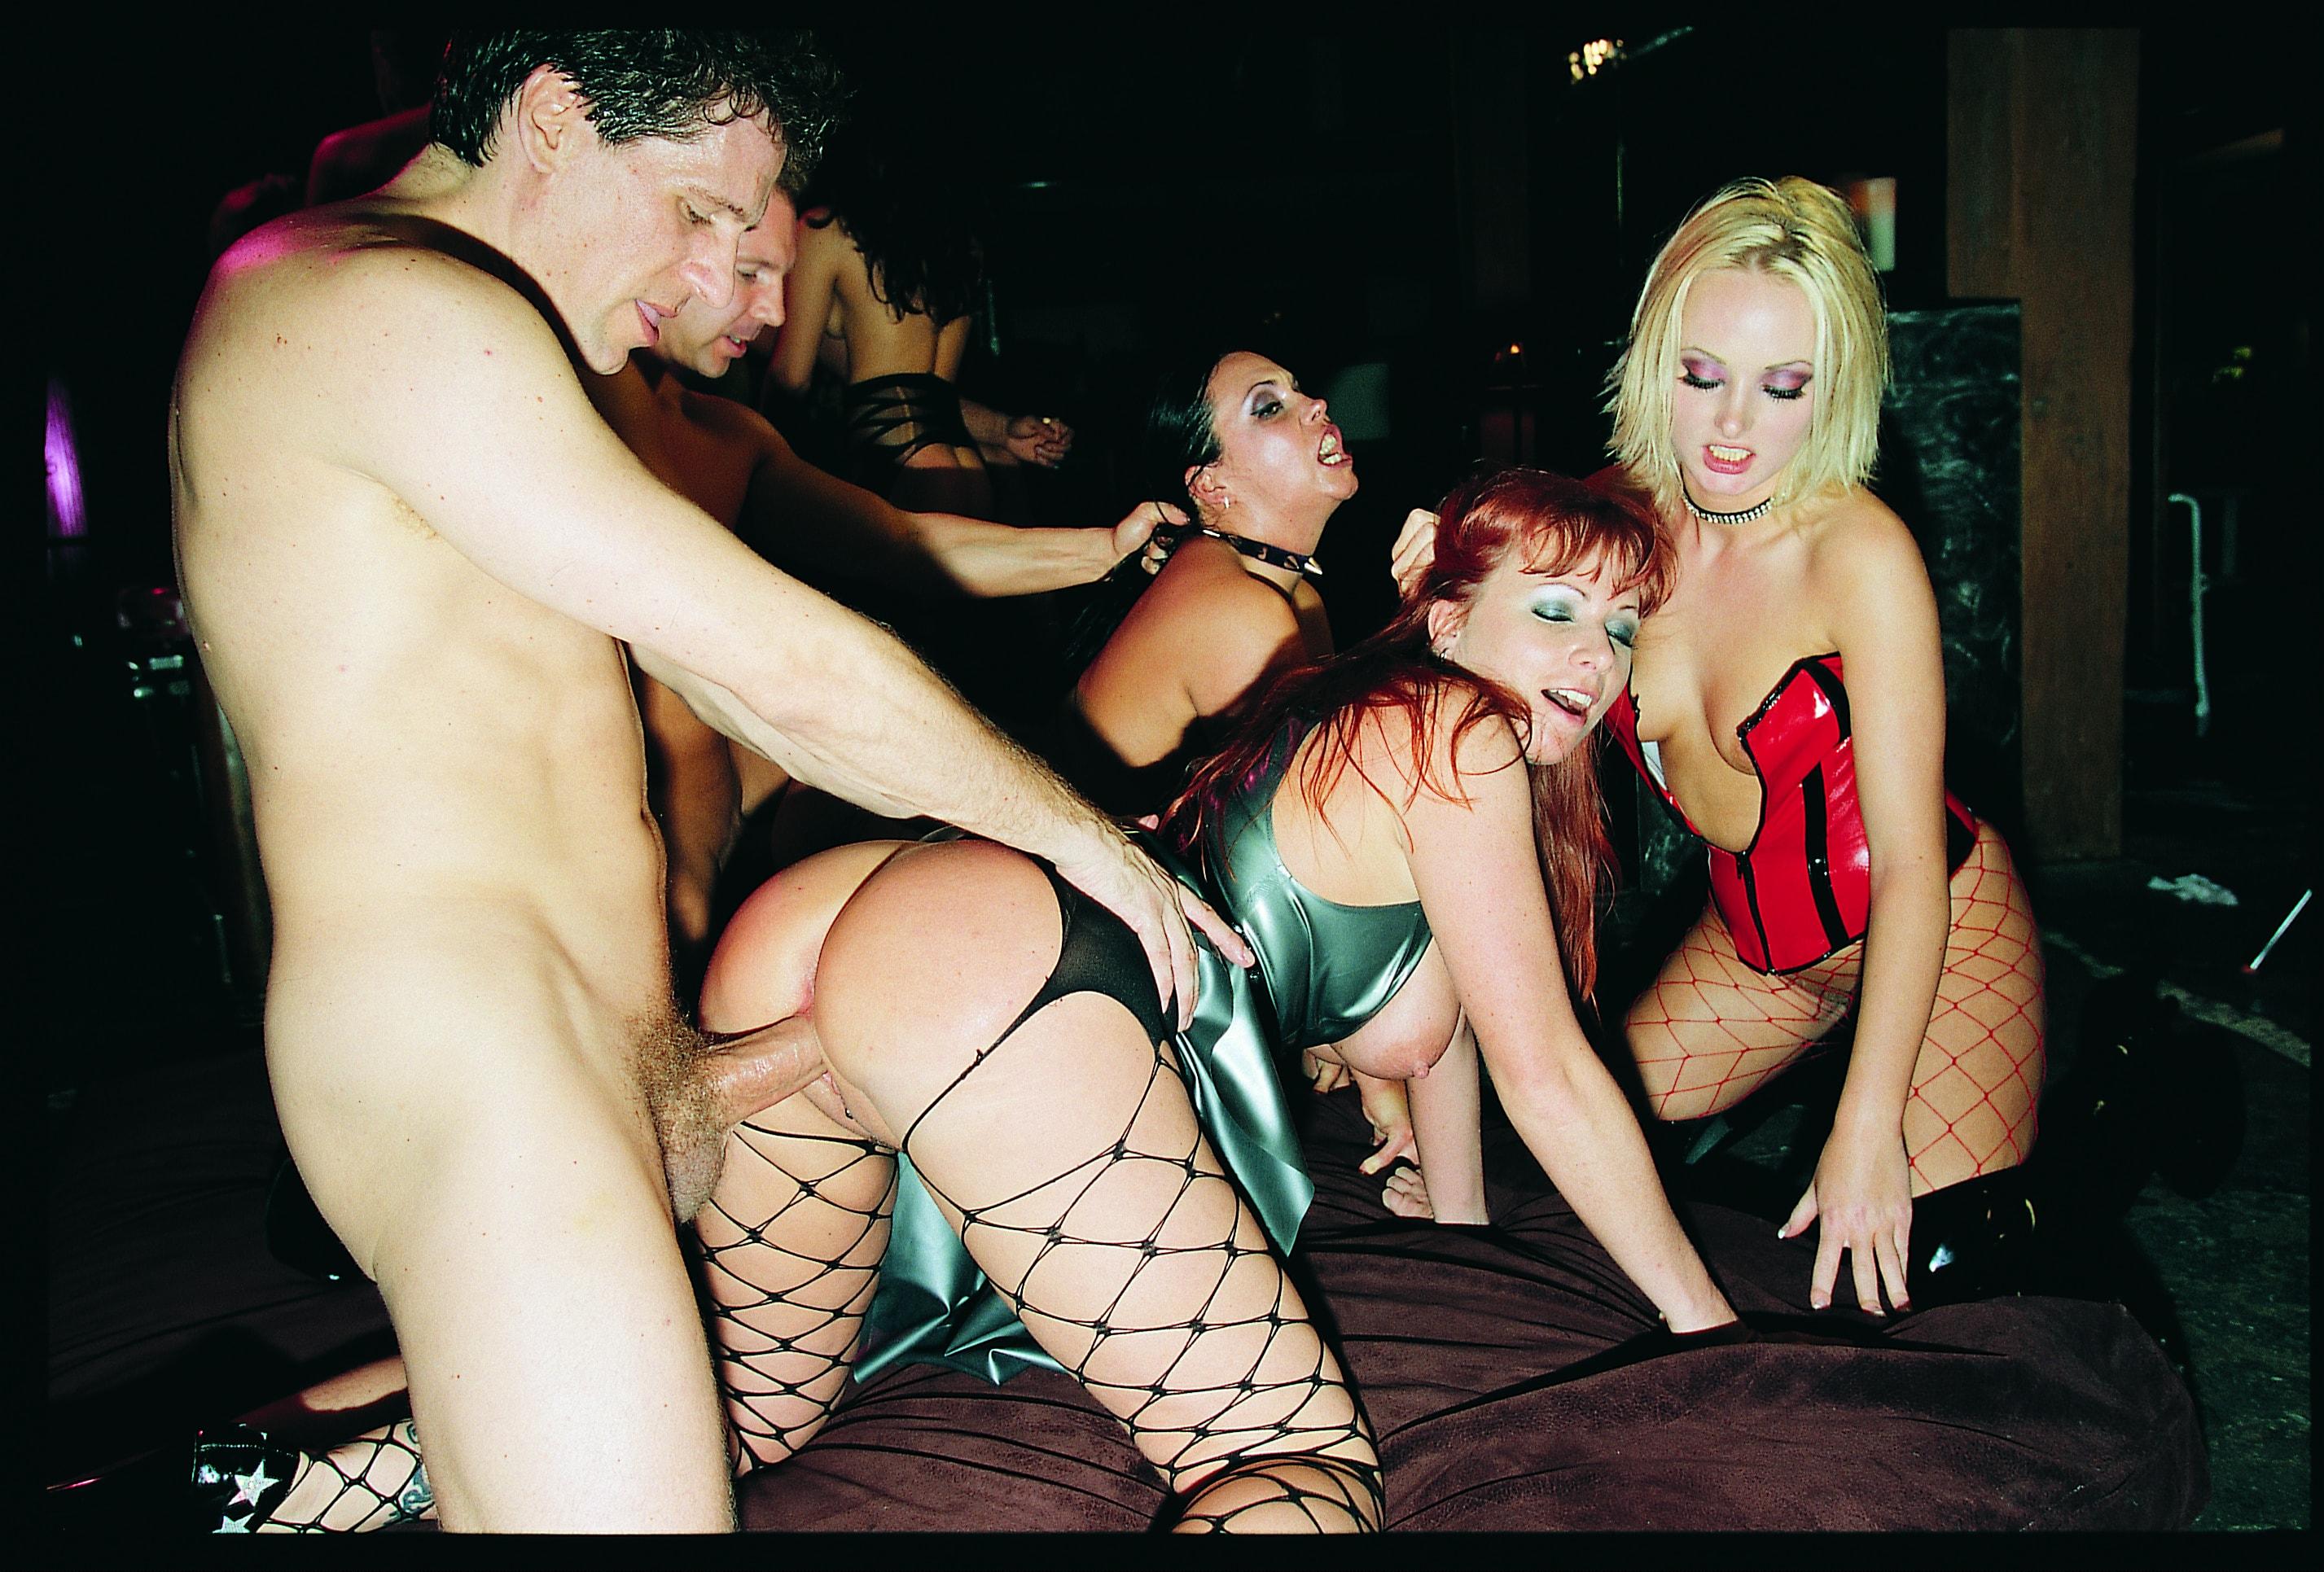 girls-kylie-ireland-orgy-eats-guys-ass